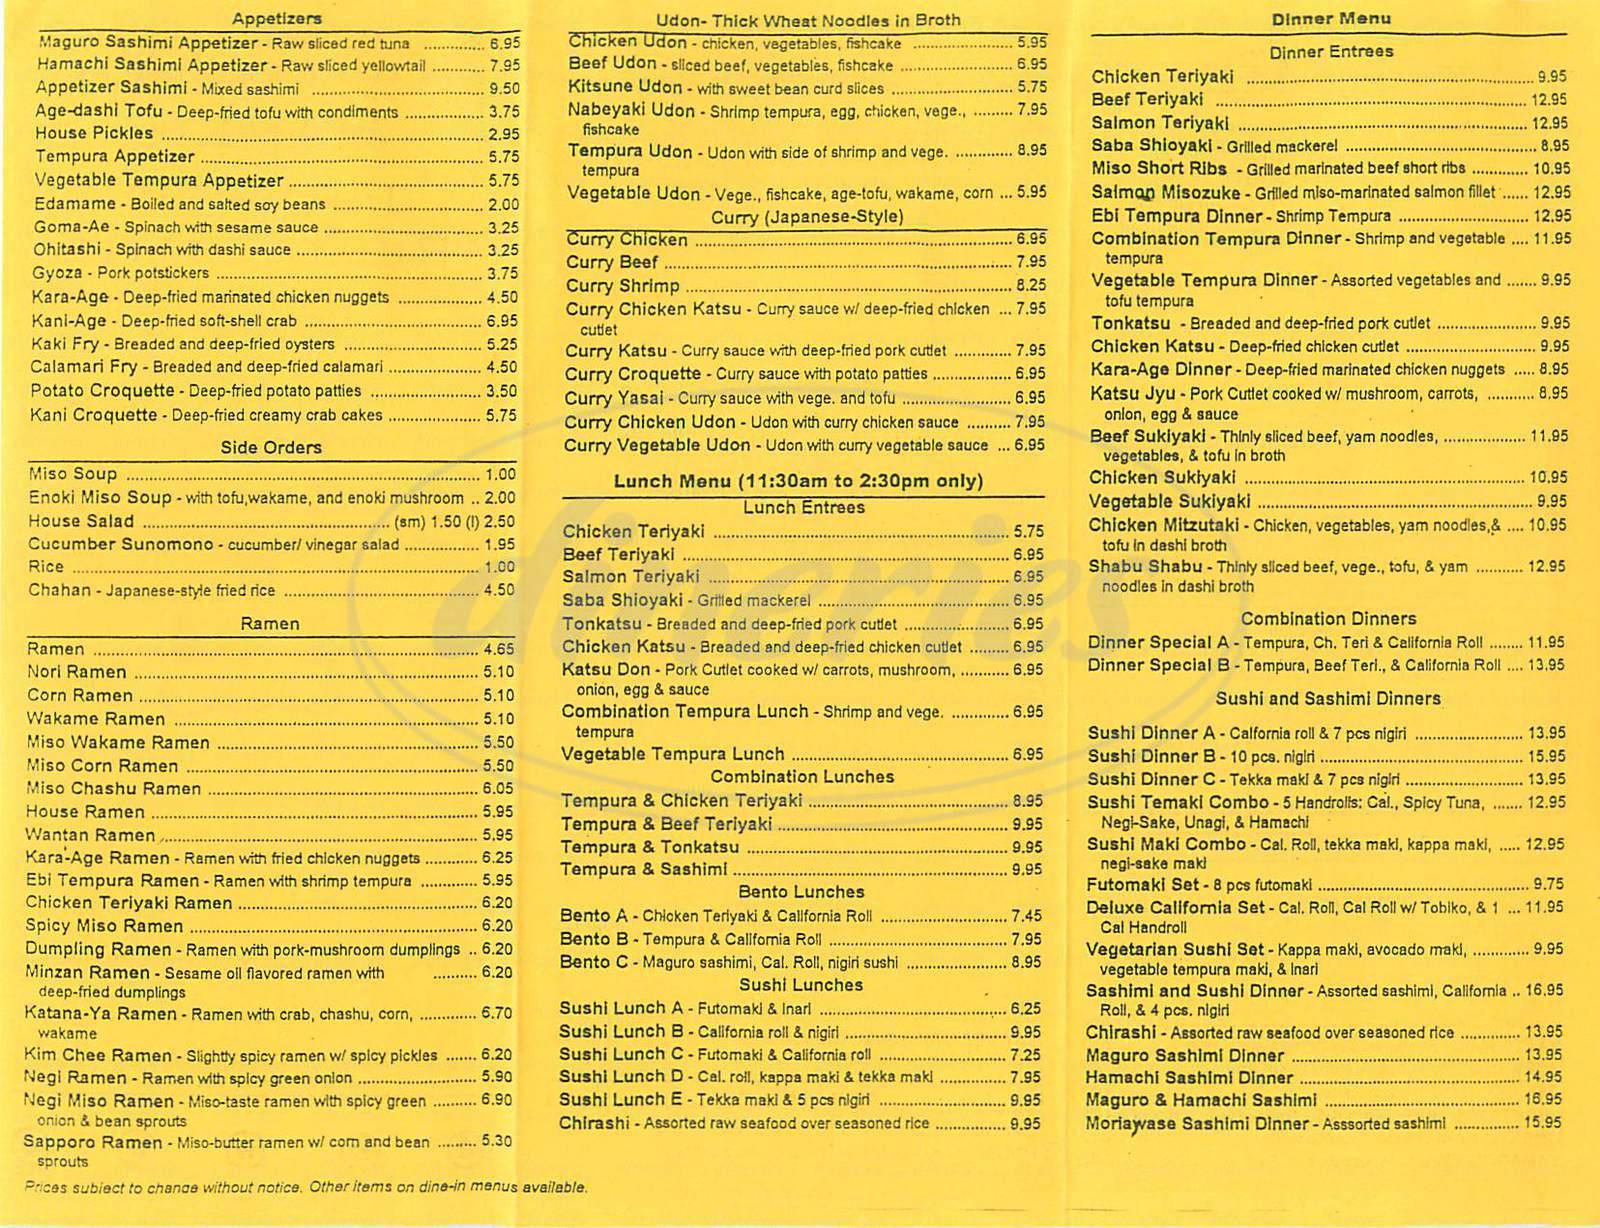 menu for Katana-Ya Ramen